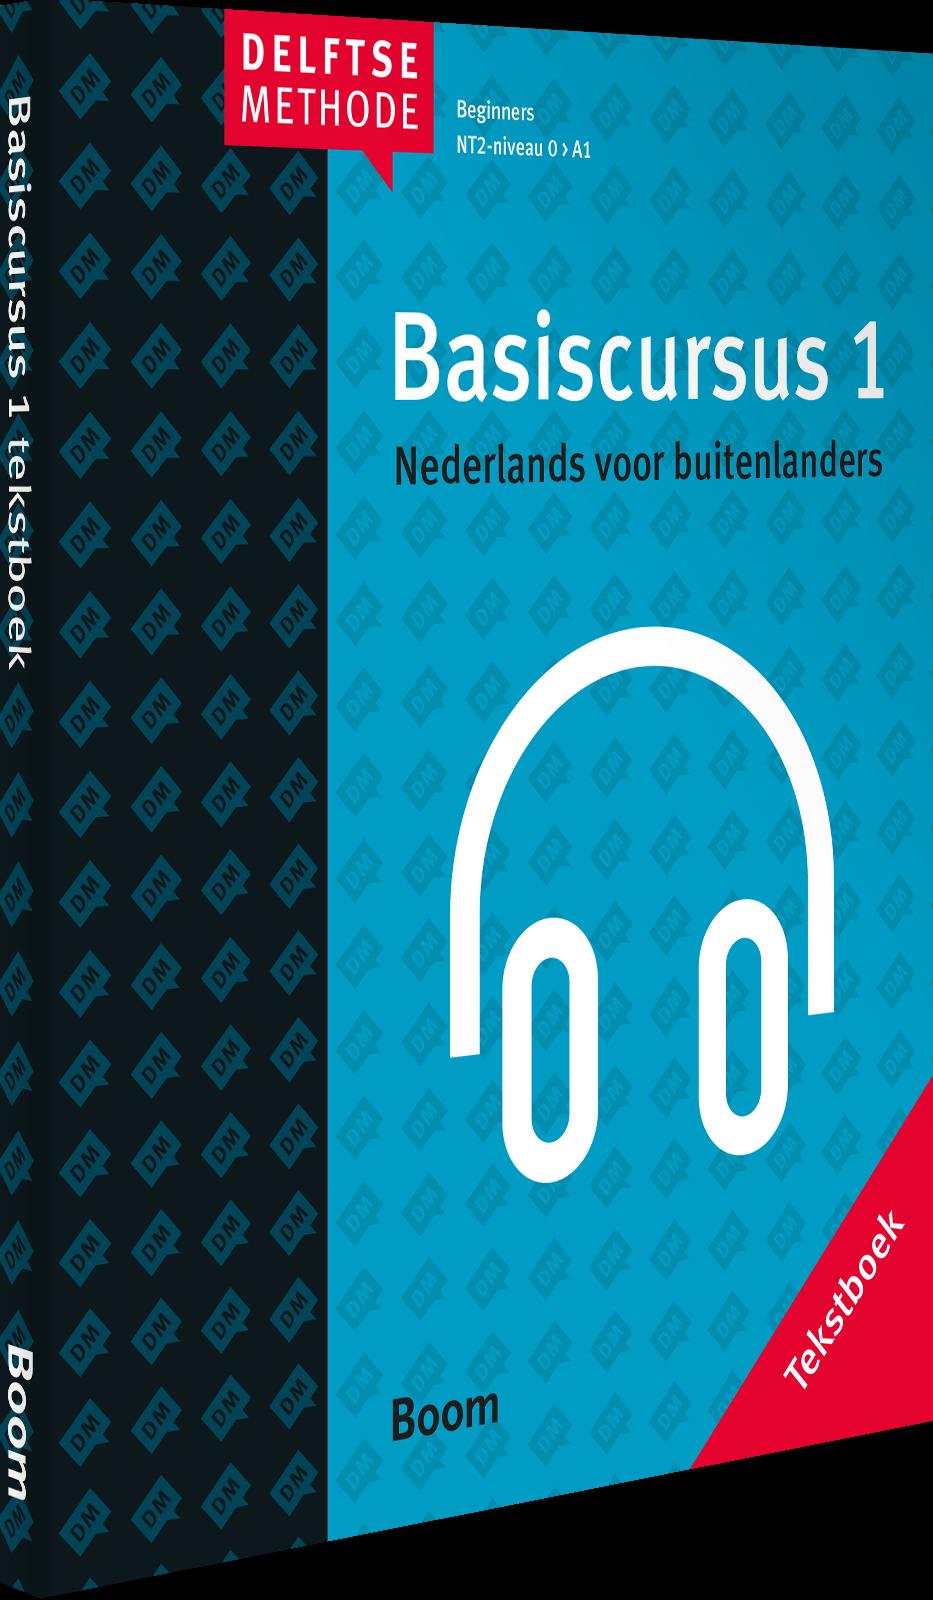 Basiscursus 1 boek nieuw